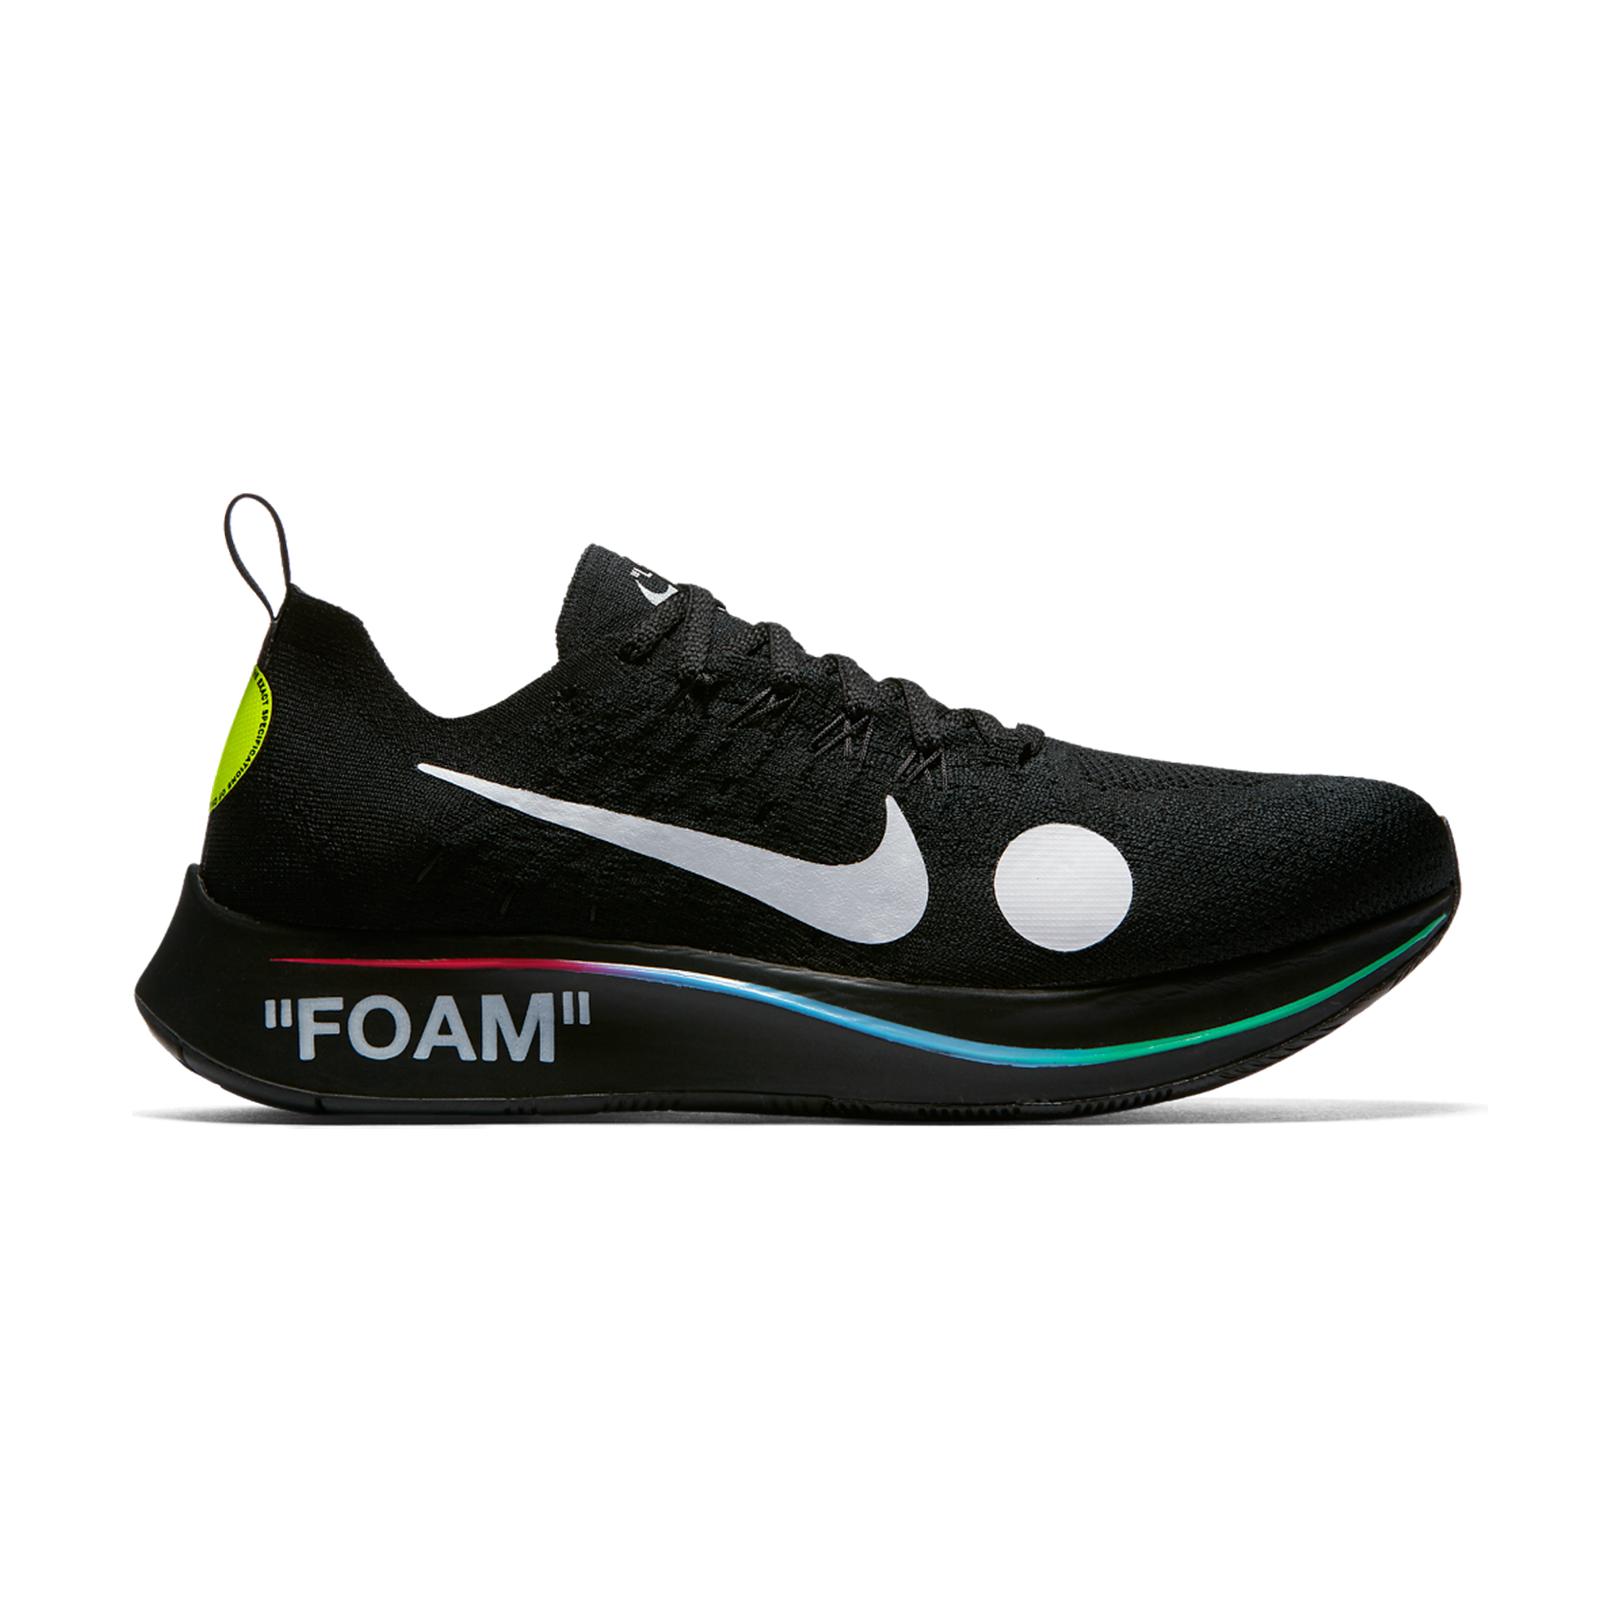 NikeFoamBlackOffWhite